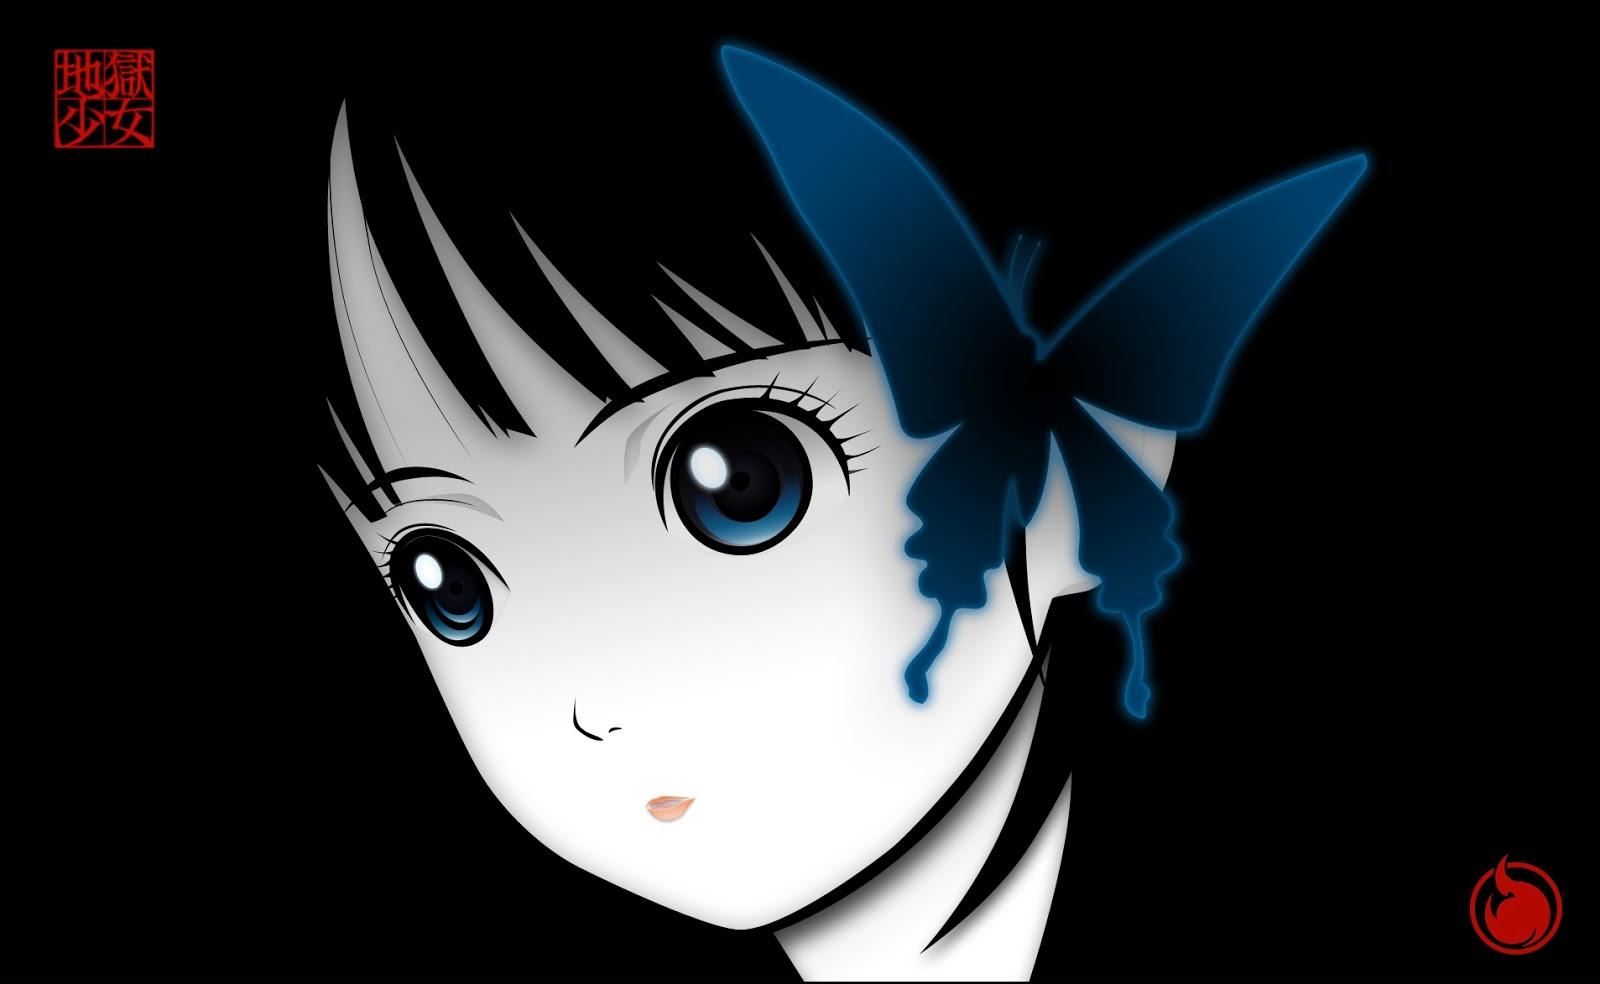 Ashley Wallpaper Wallpaper Anime Hd Keren Terbaru